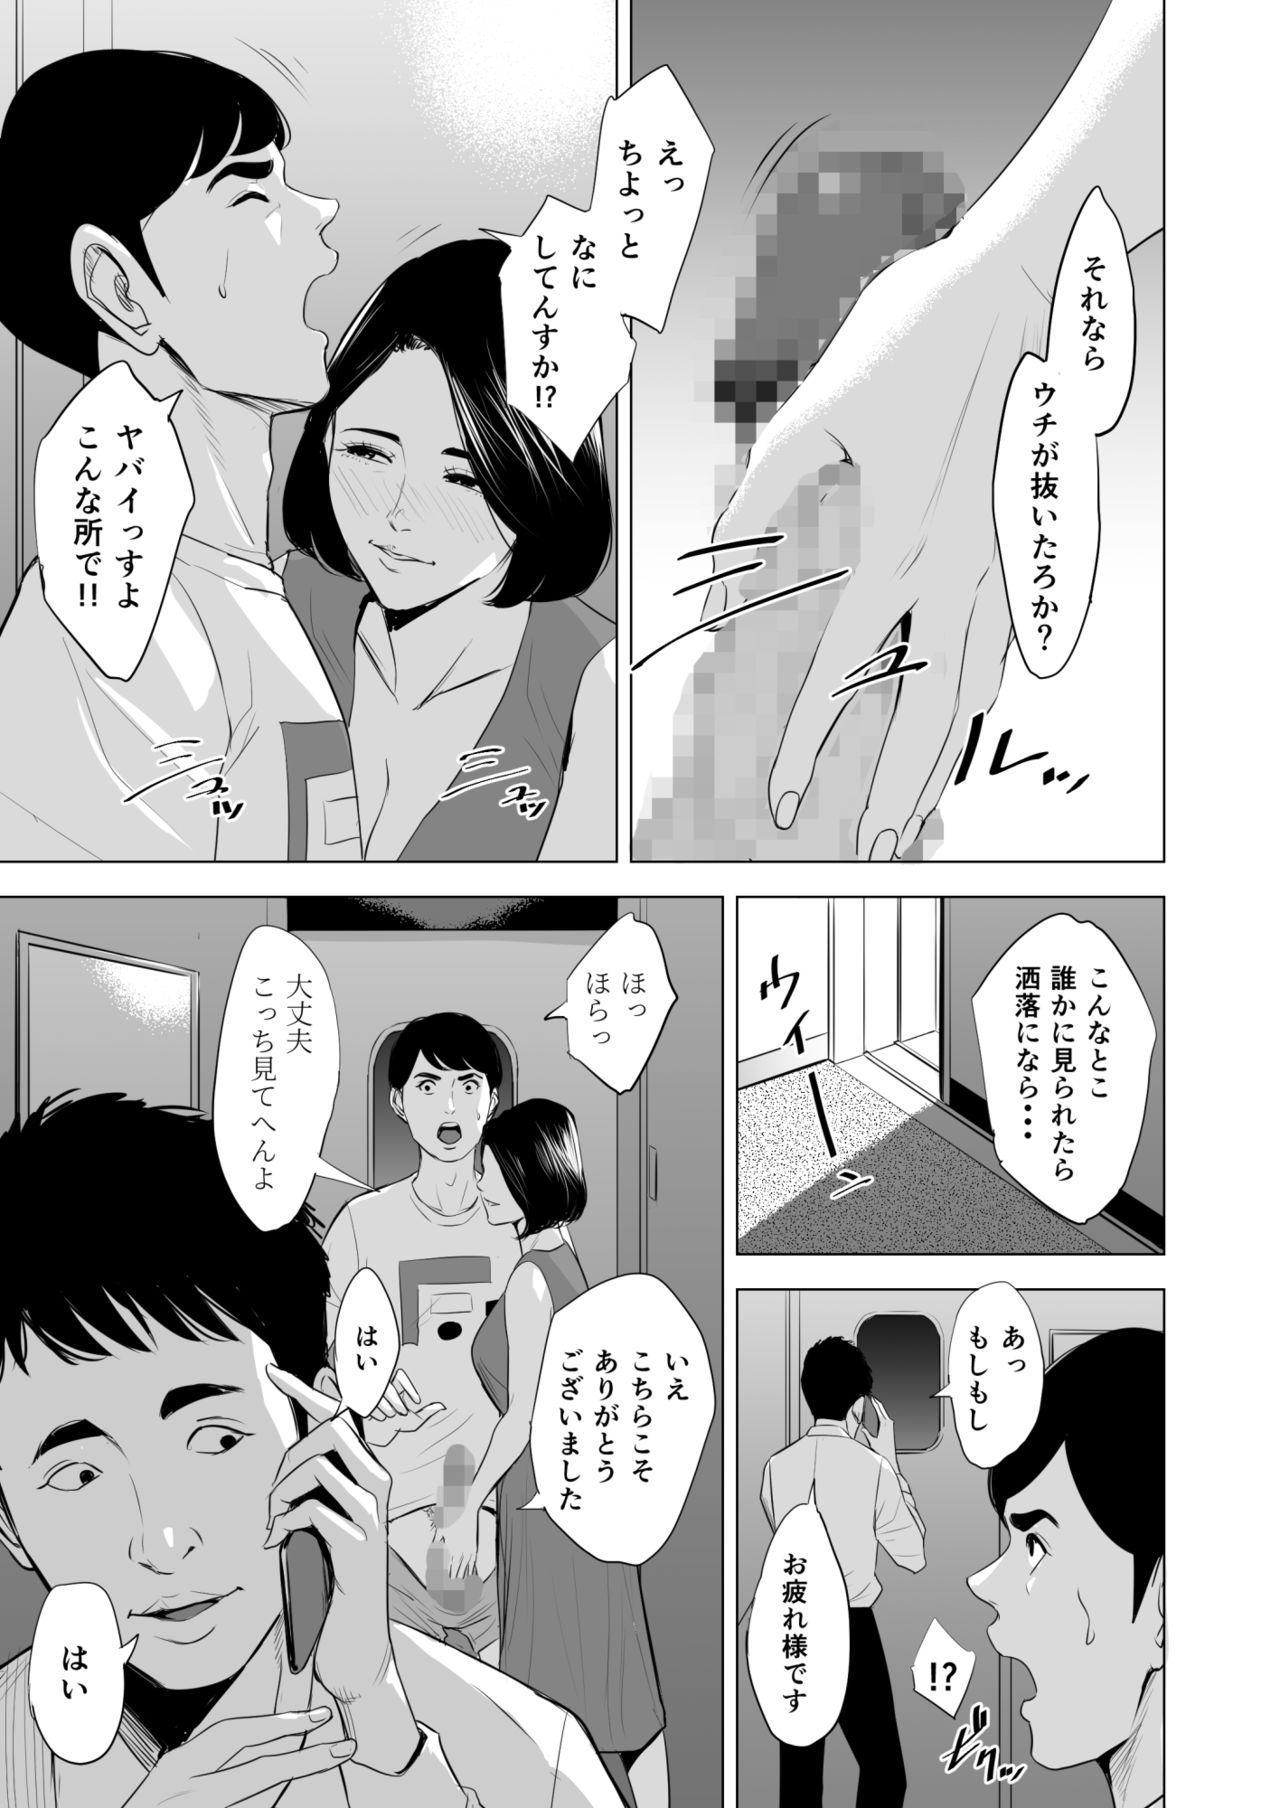 Shinkansen de Nani shiteru!? 32